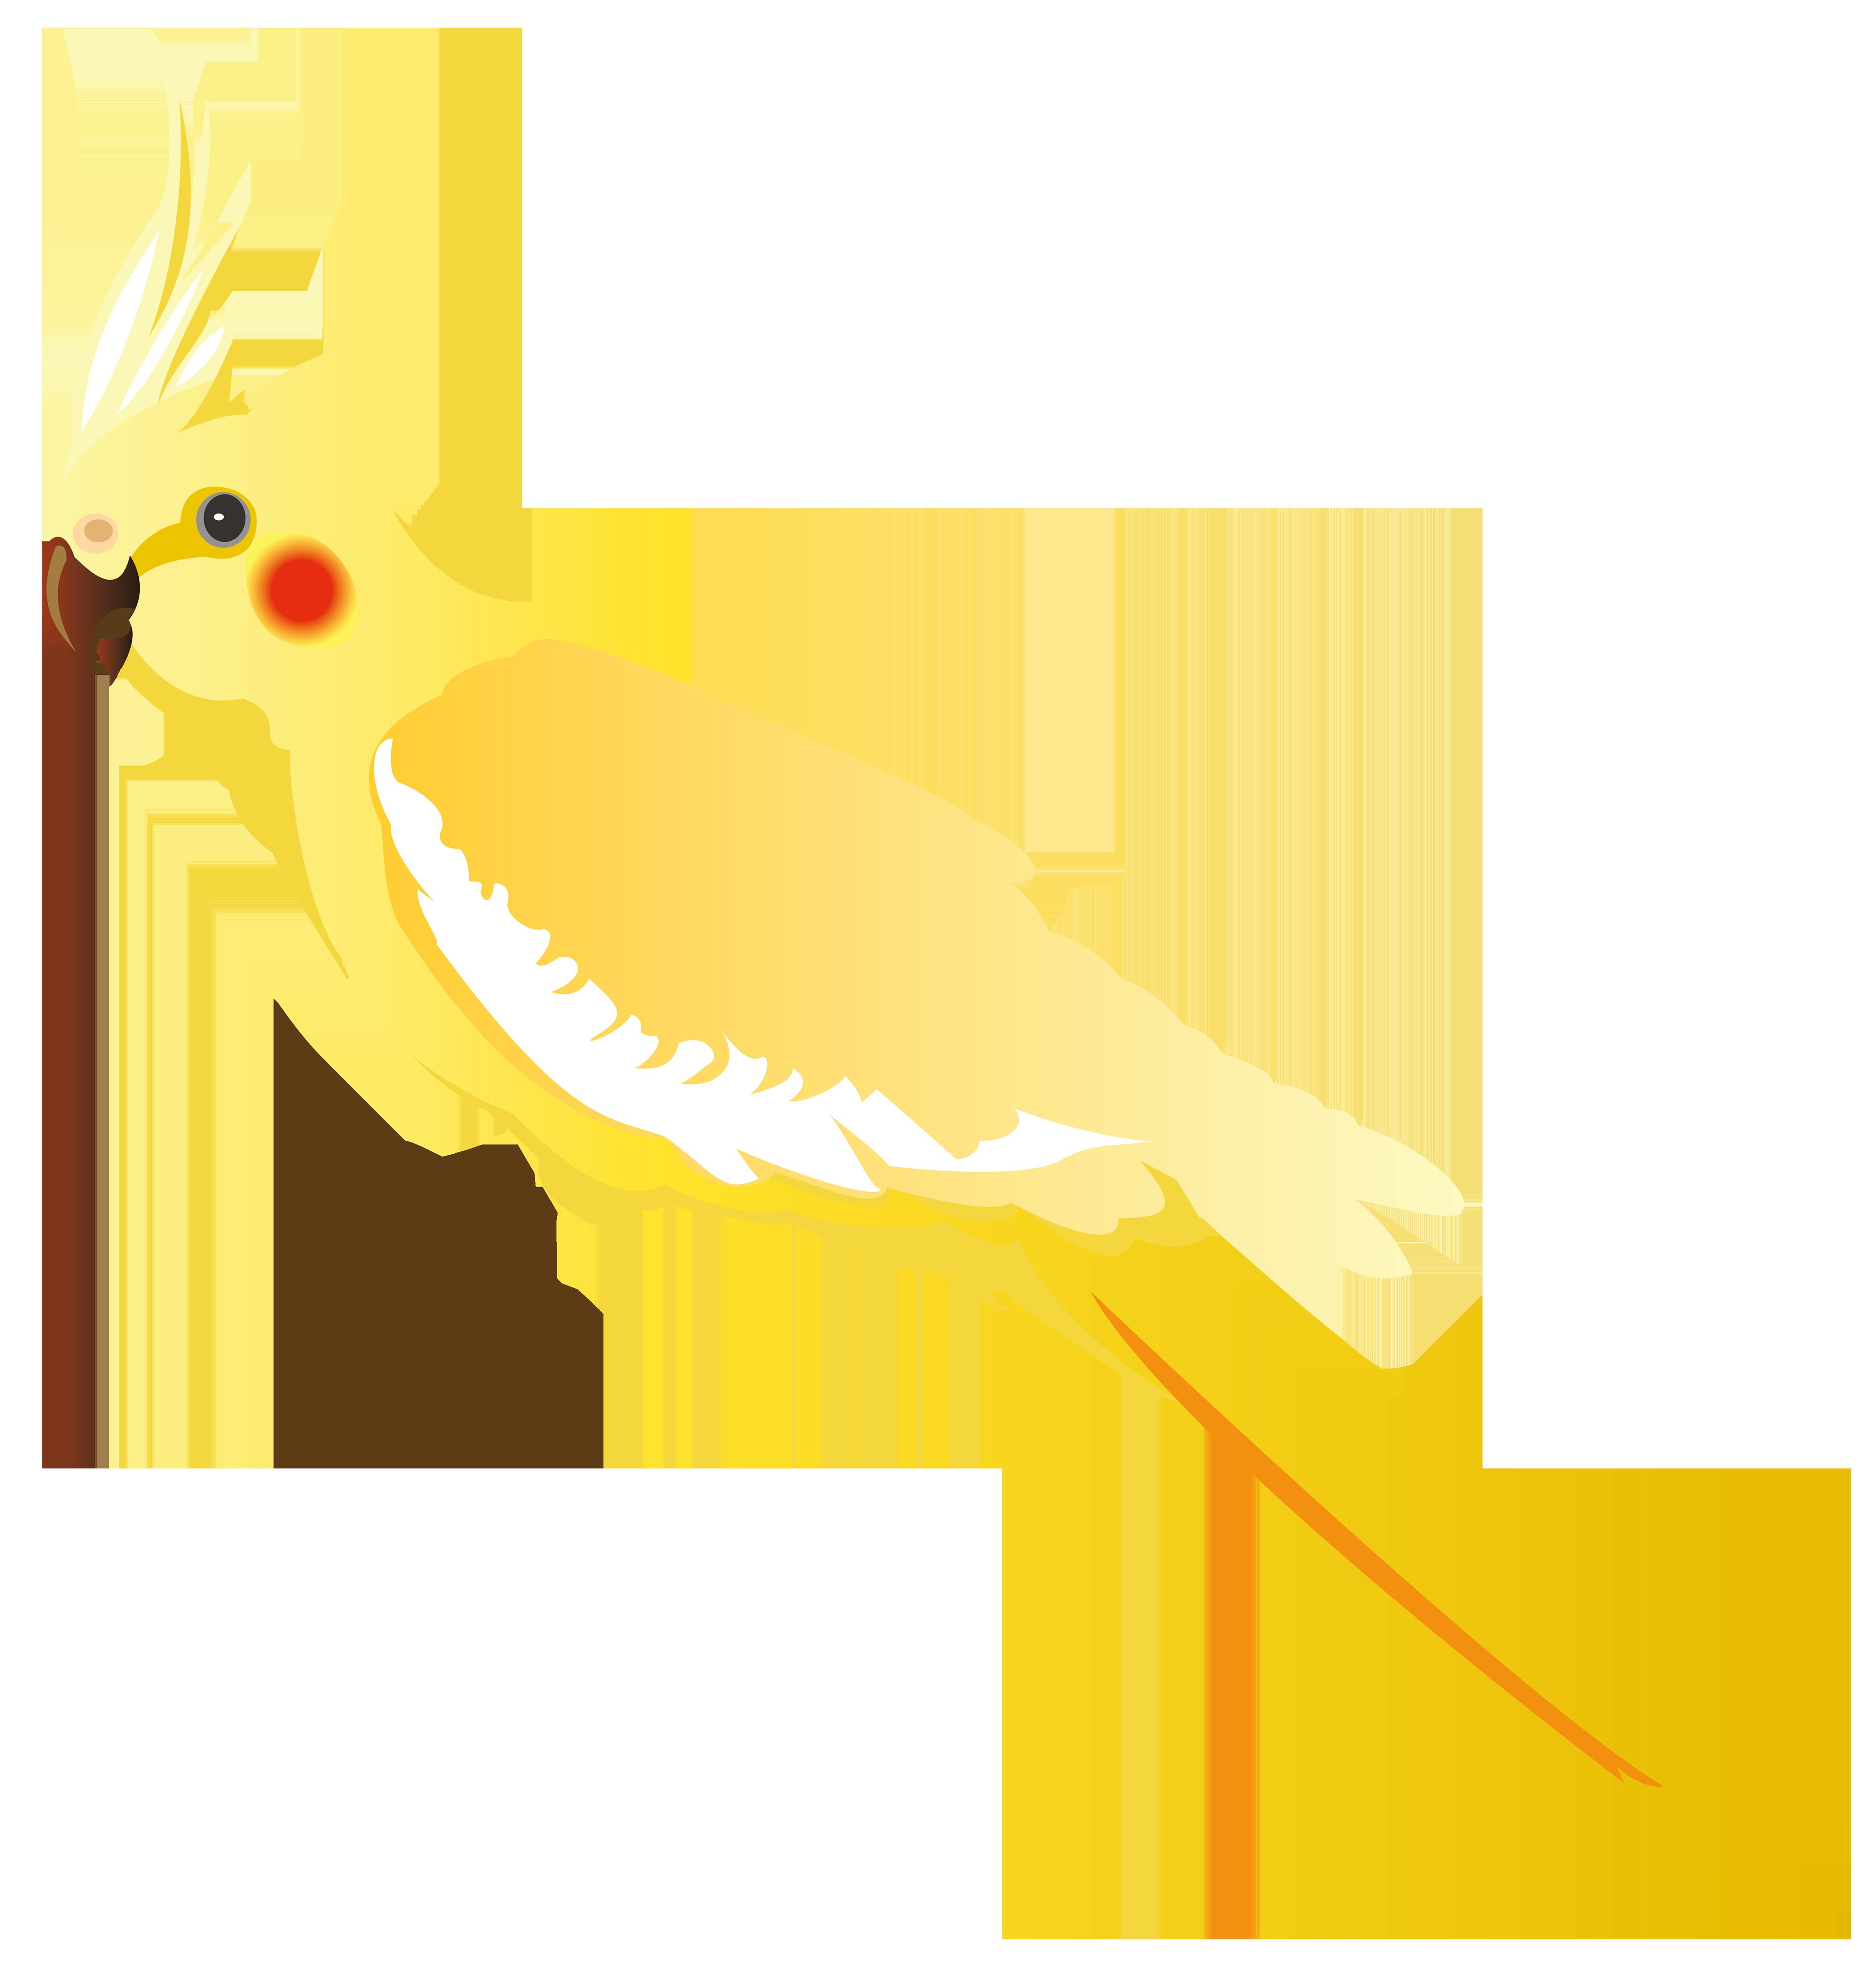 Png best web. Pet clipart yellow parrot